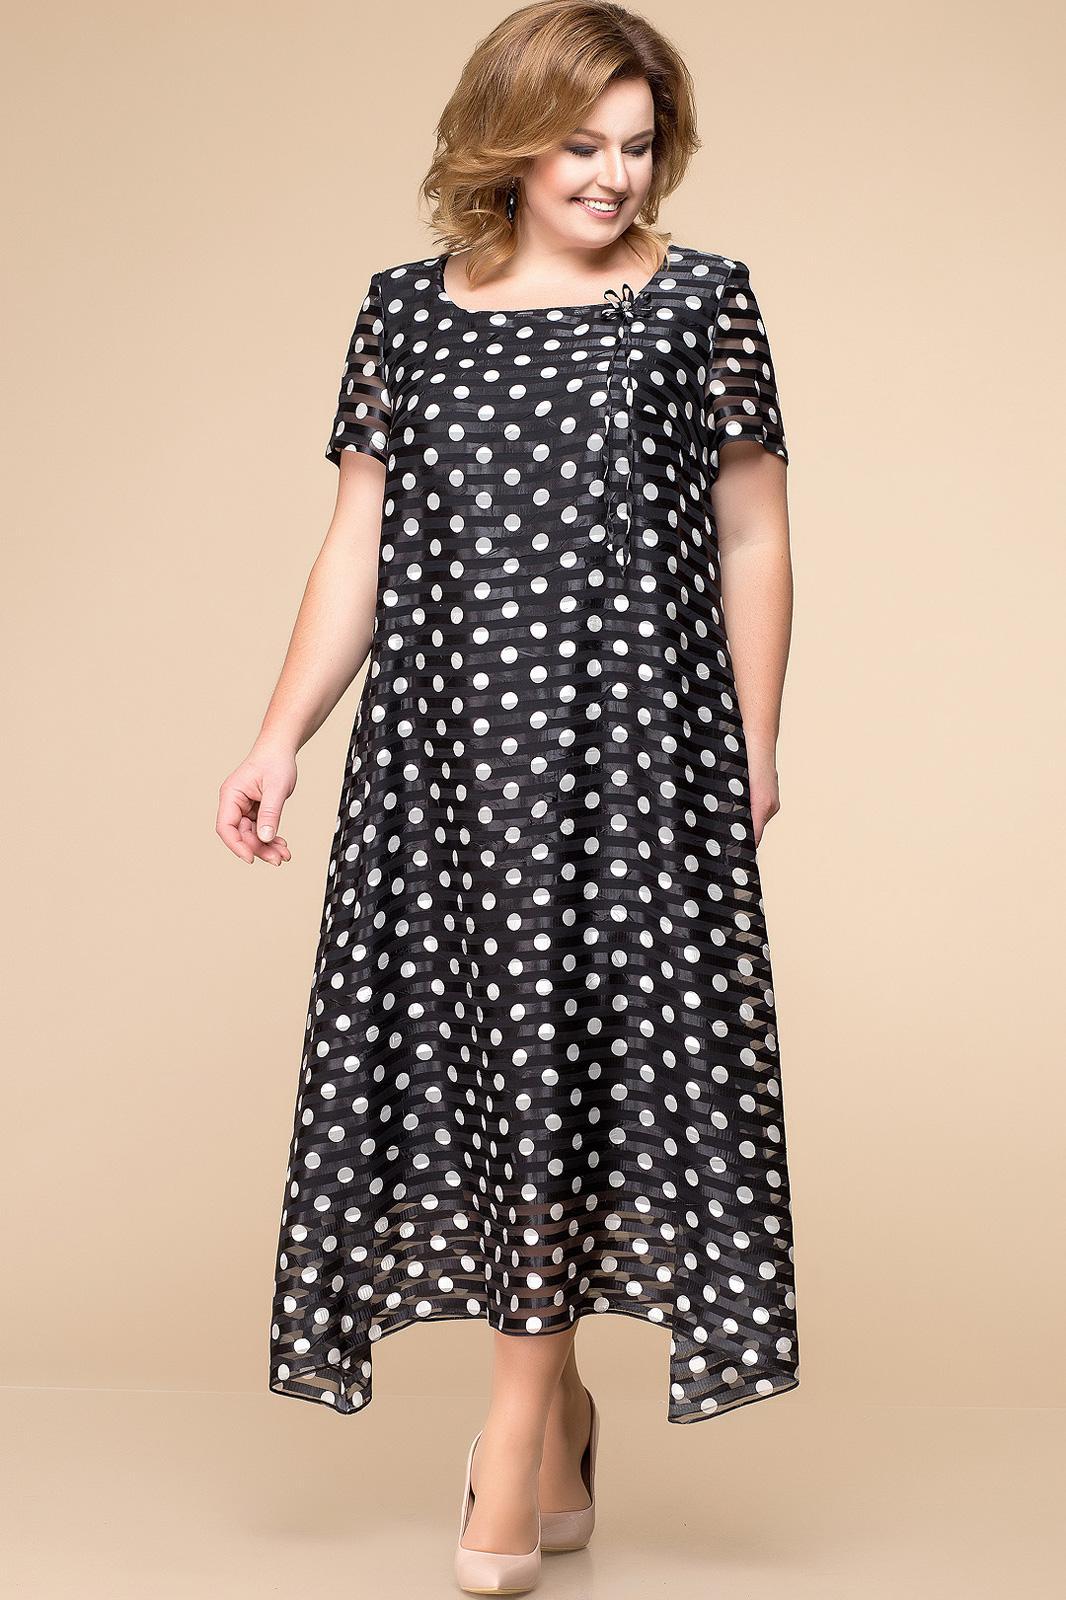 Купить Платье Romanovich, 1-1332 чёрно-белый, горохи, Беларусь